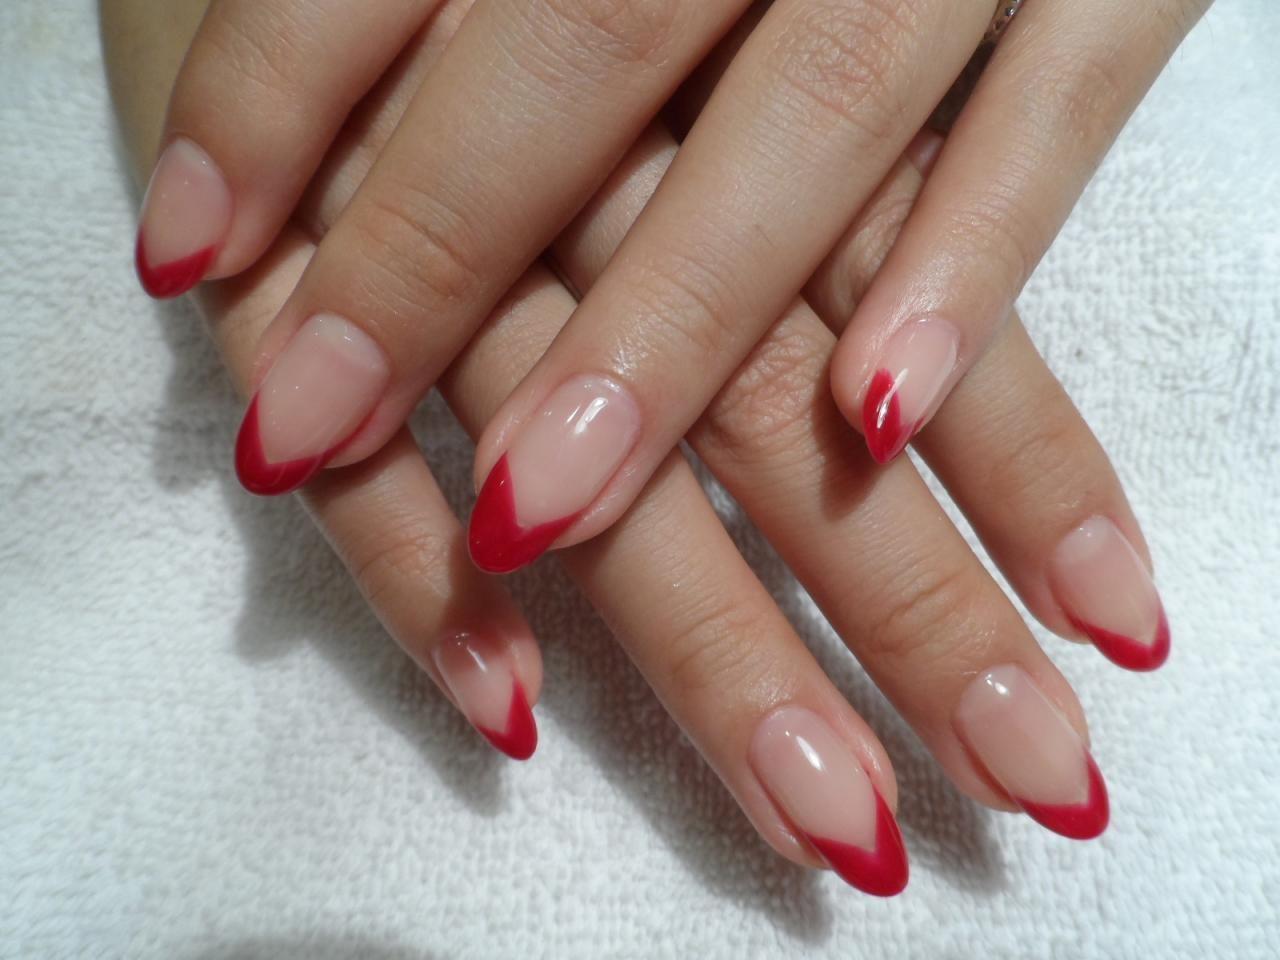 Dazzling Nail Salon Red Tip Nails Colored Nail Tips Nail Tips